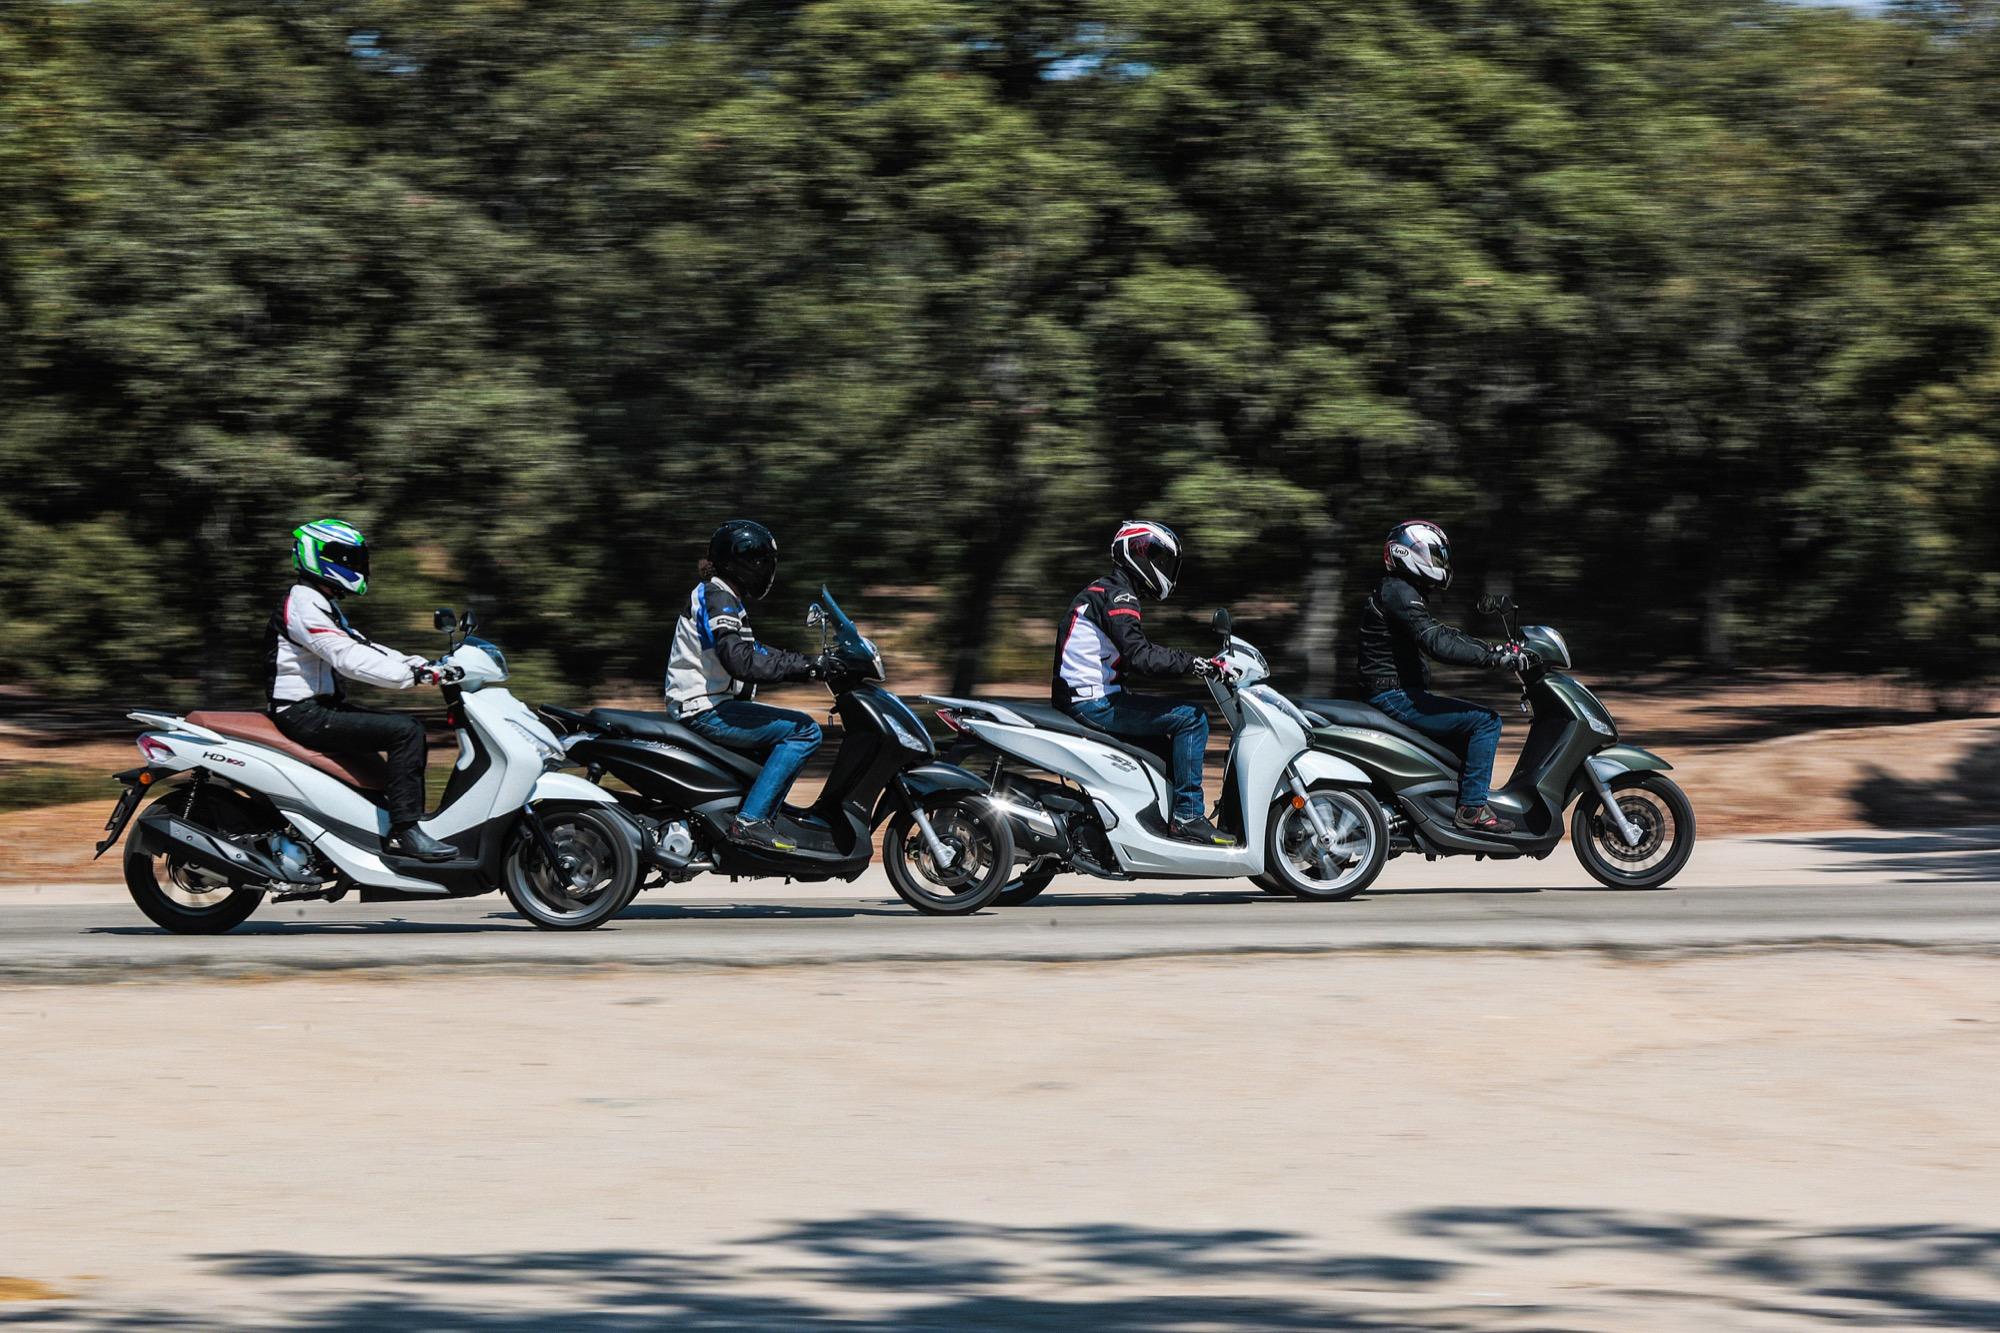 Comparativa Scooters: Honda SH300i vs. Piaggio Beverly 300/350 vs. SYM HD 300